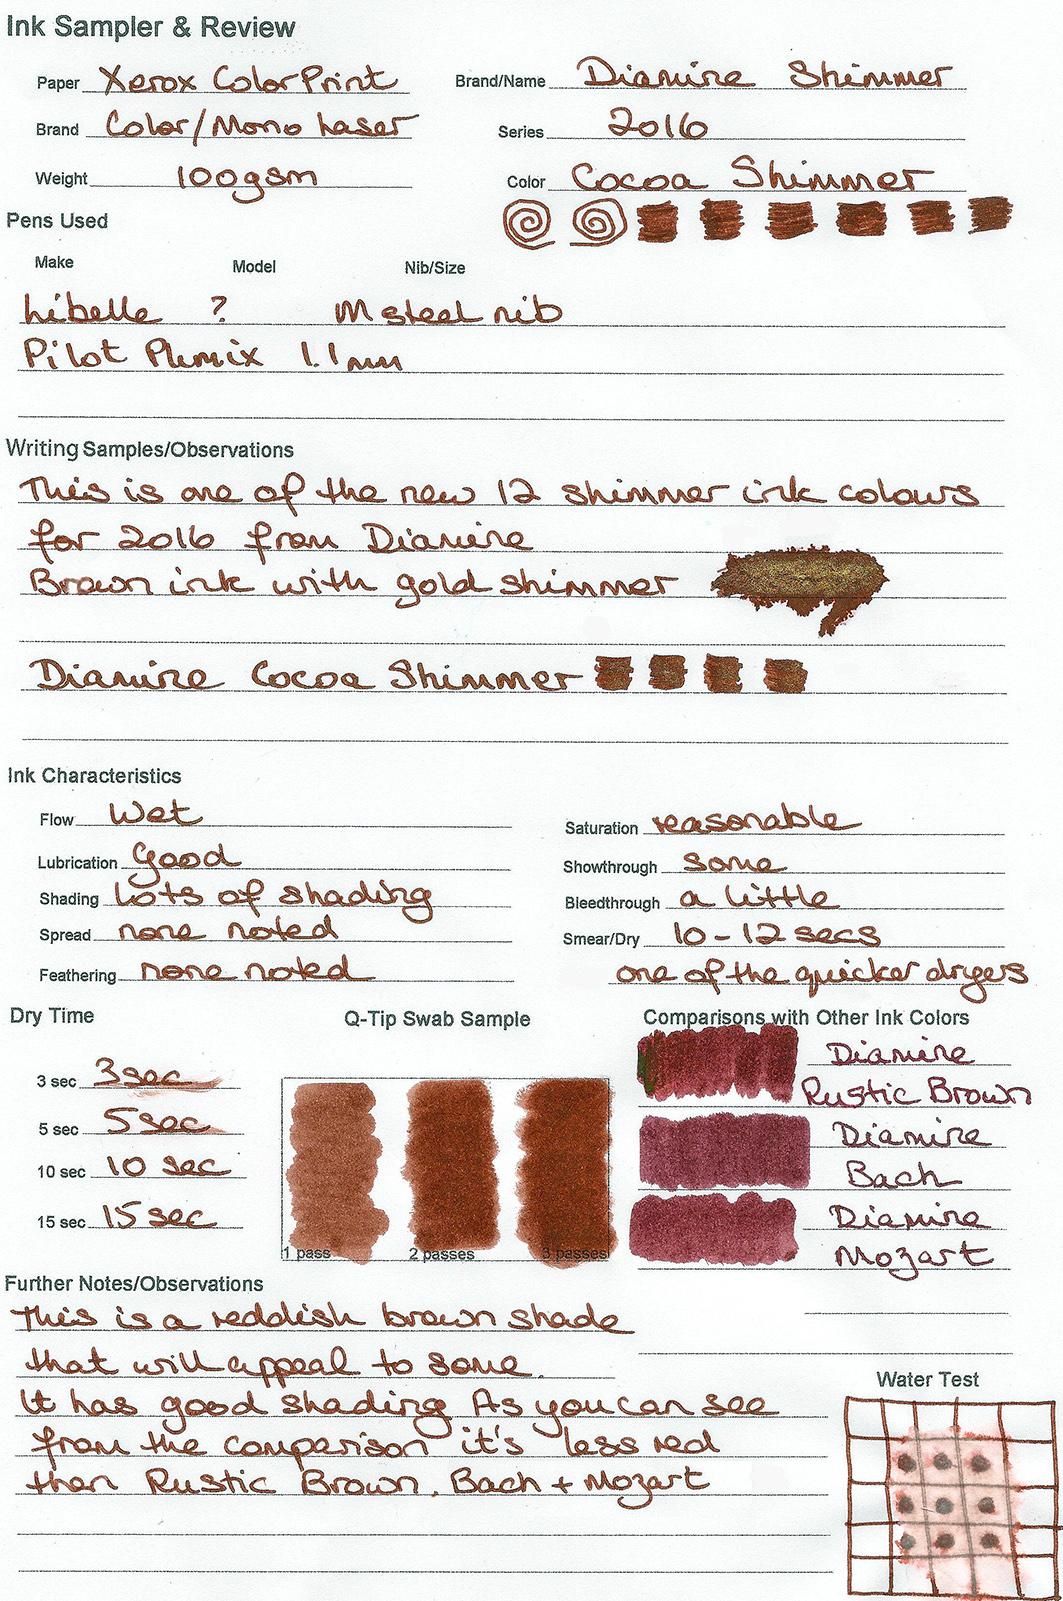 fpn_1478080224__diamine_cocoa_shimmer.jp